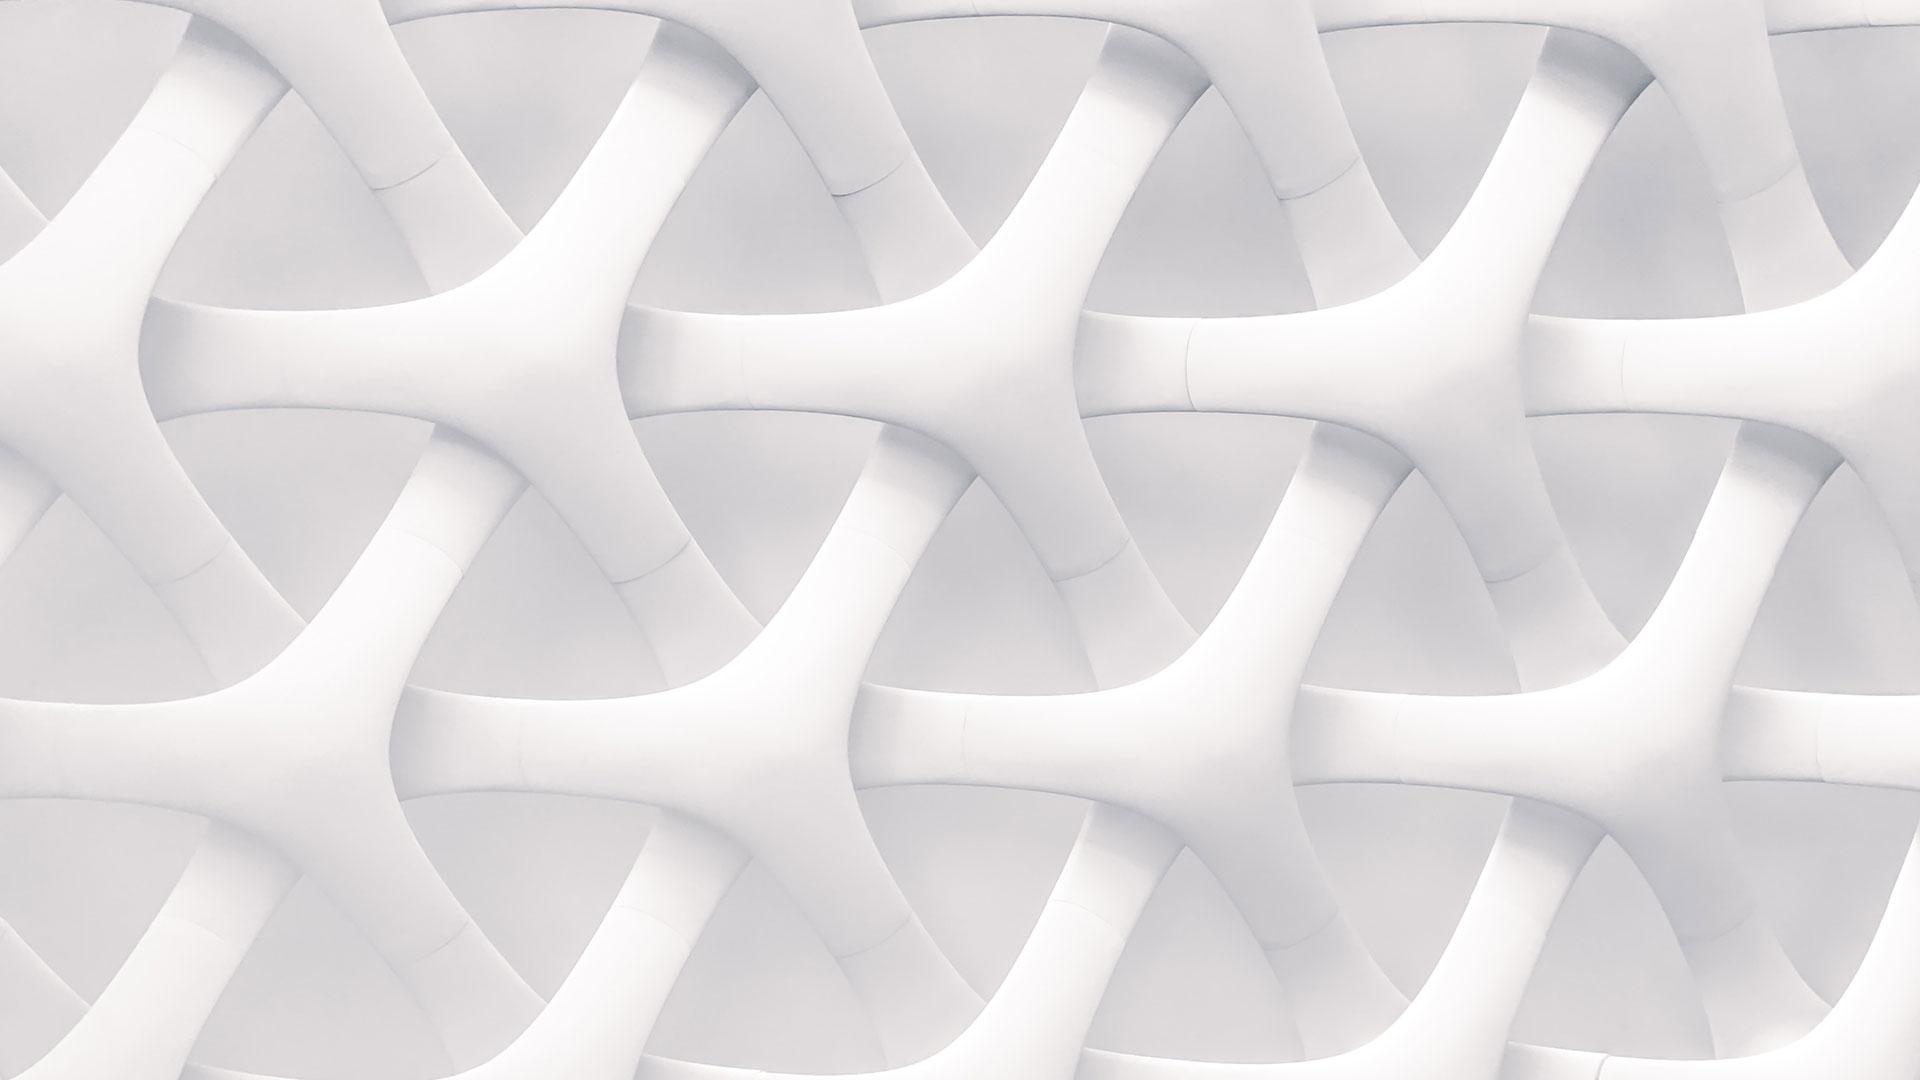 """<h3>3D영상</h3><p>촬영이 힘들다면 3D로 제작하면 됩니다</p><p style=""""margin-top:20px;"""">#3D #그래픽 #수출영상 #제품영상</p>"""